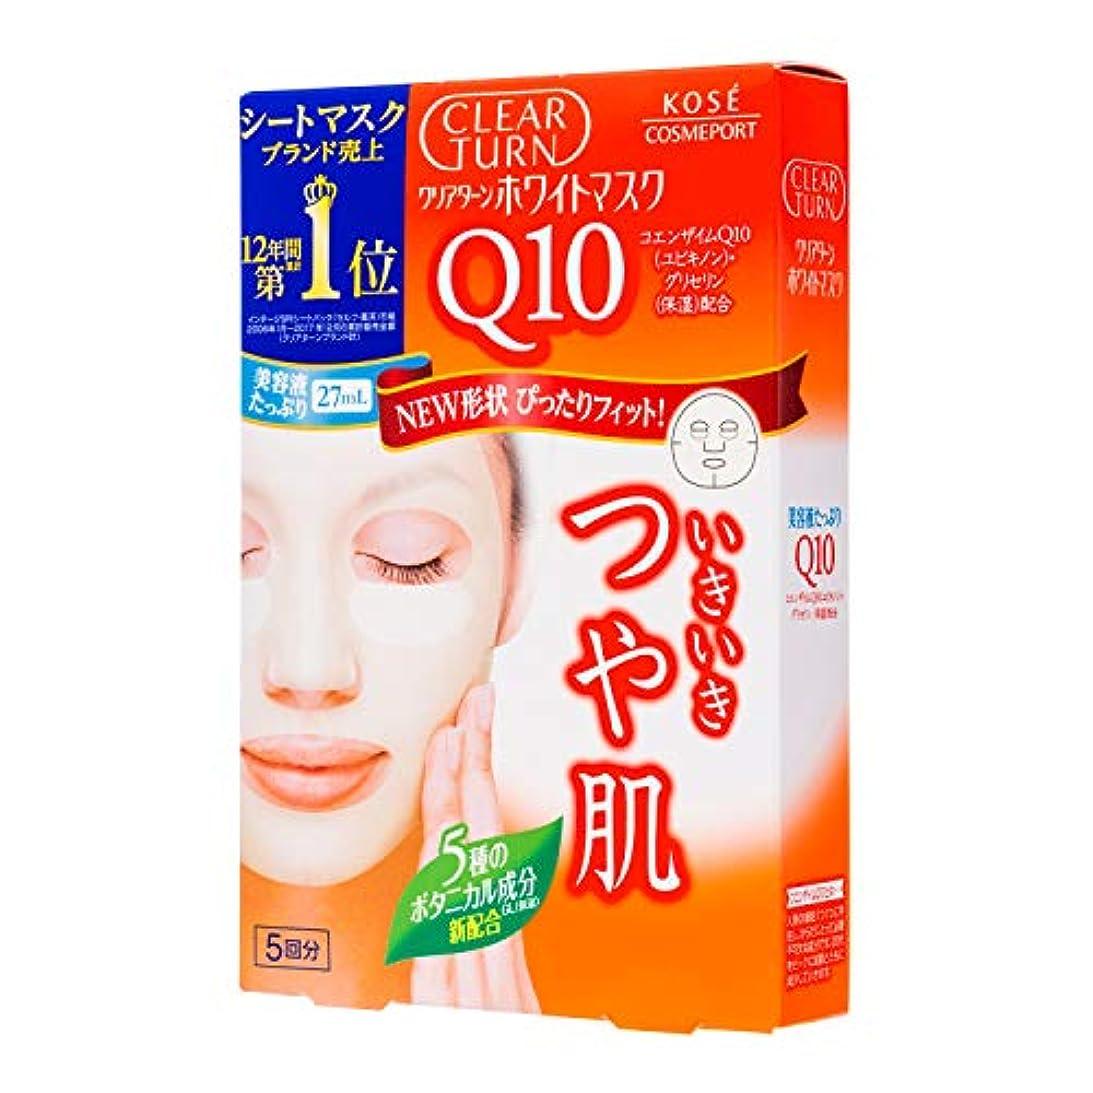 実験室知恵始めるクリアターン ホワイト マスク Q10 c (コエンザイムQ10) 5回分